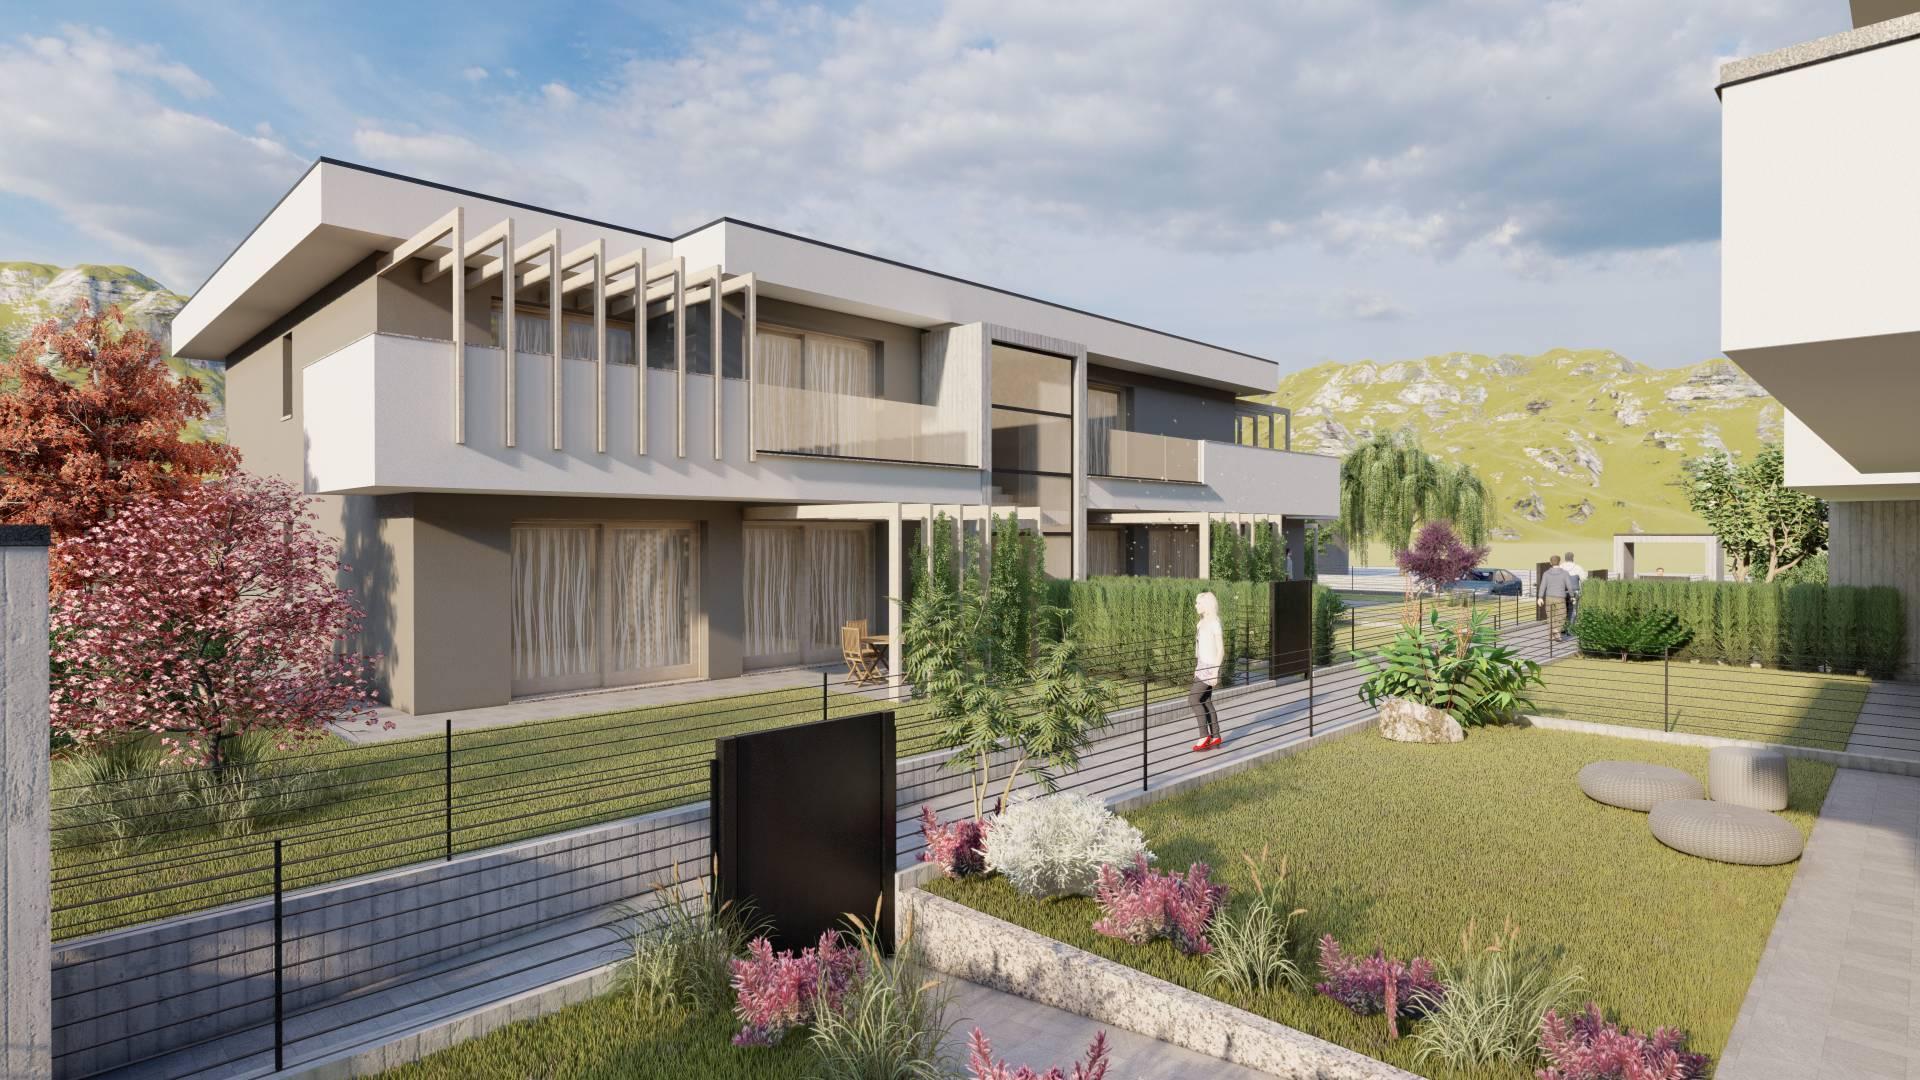 Appartamento in vendita a Vaprio d'Adda, 3 locali, prezzo € 234.000 | PortaleAgenzieImmobiliari.it